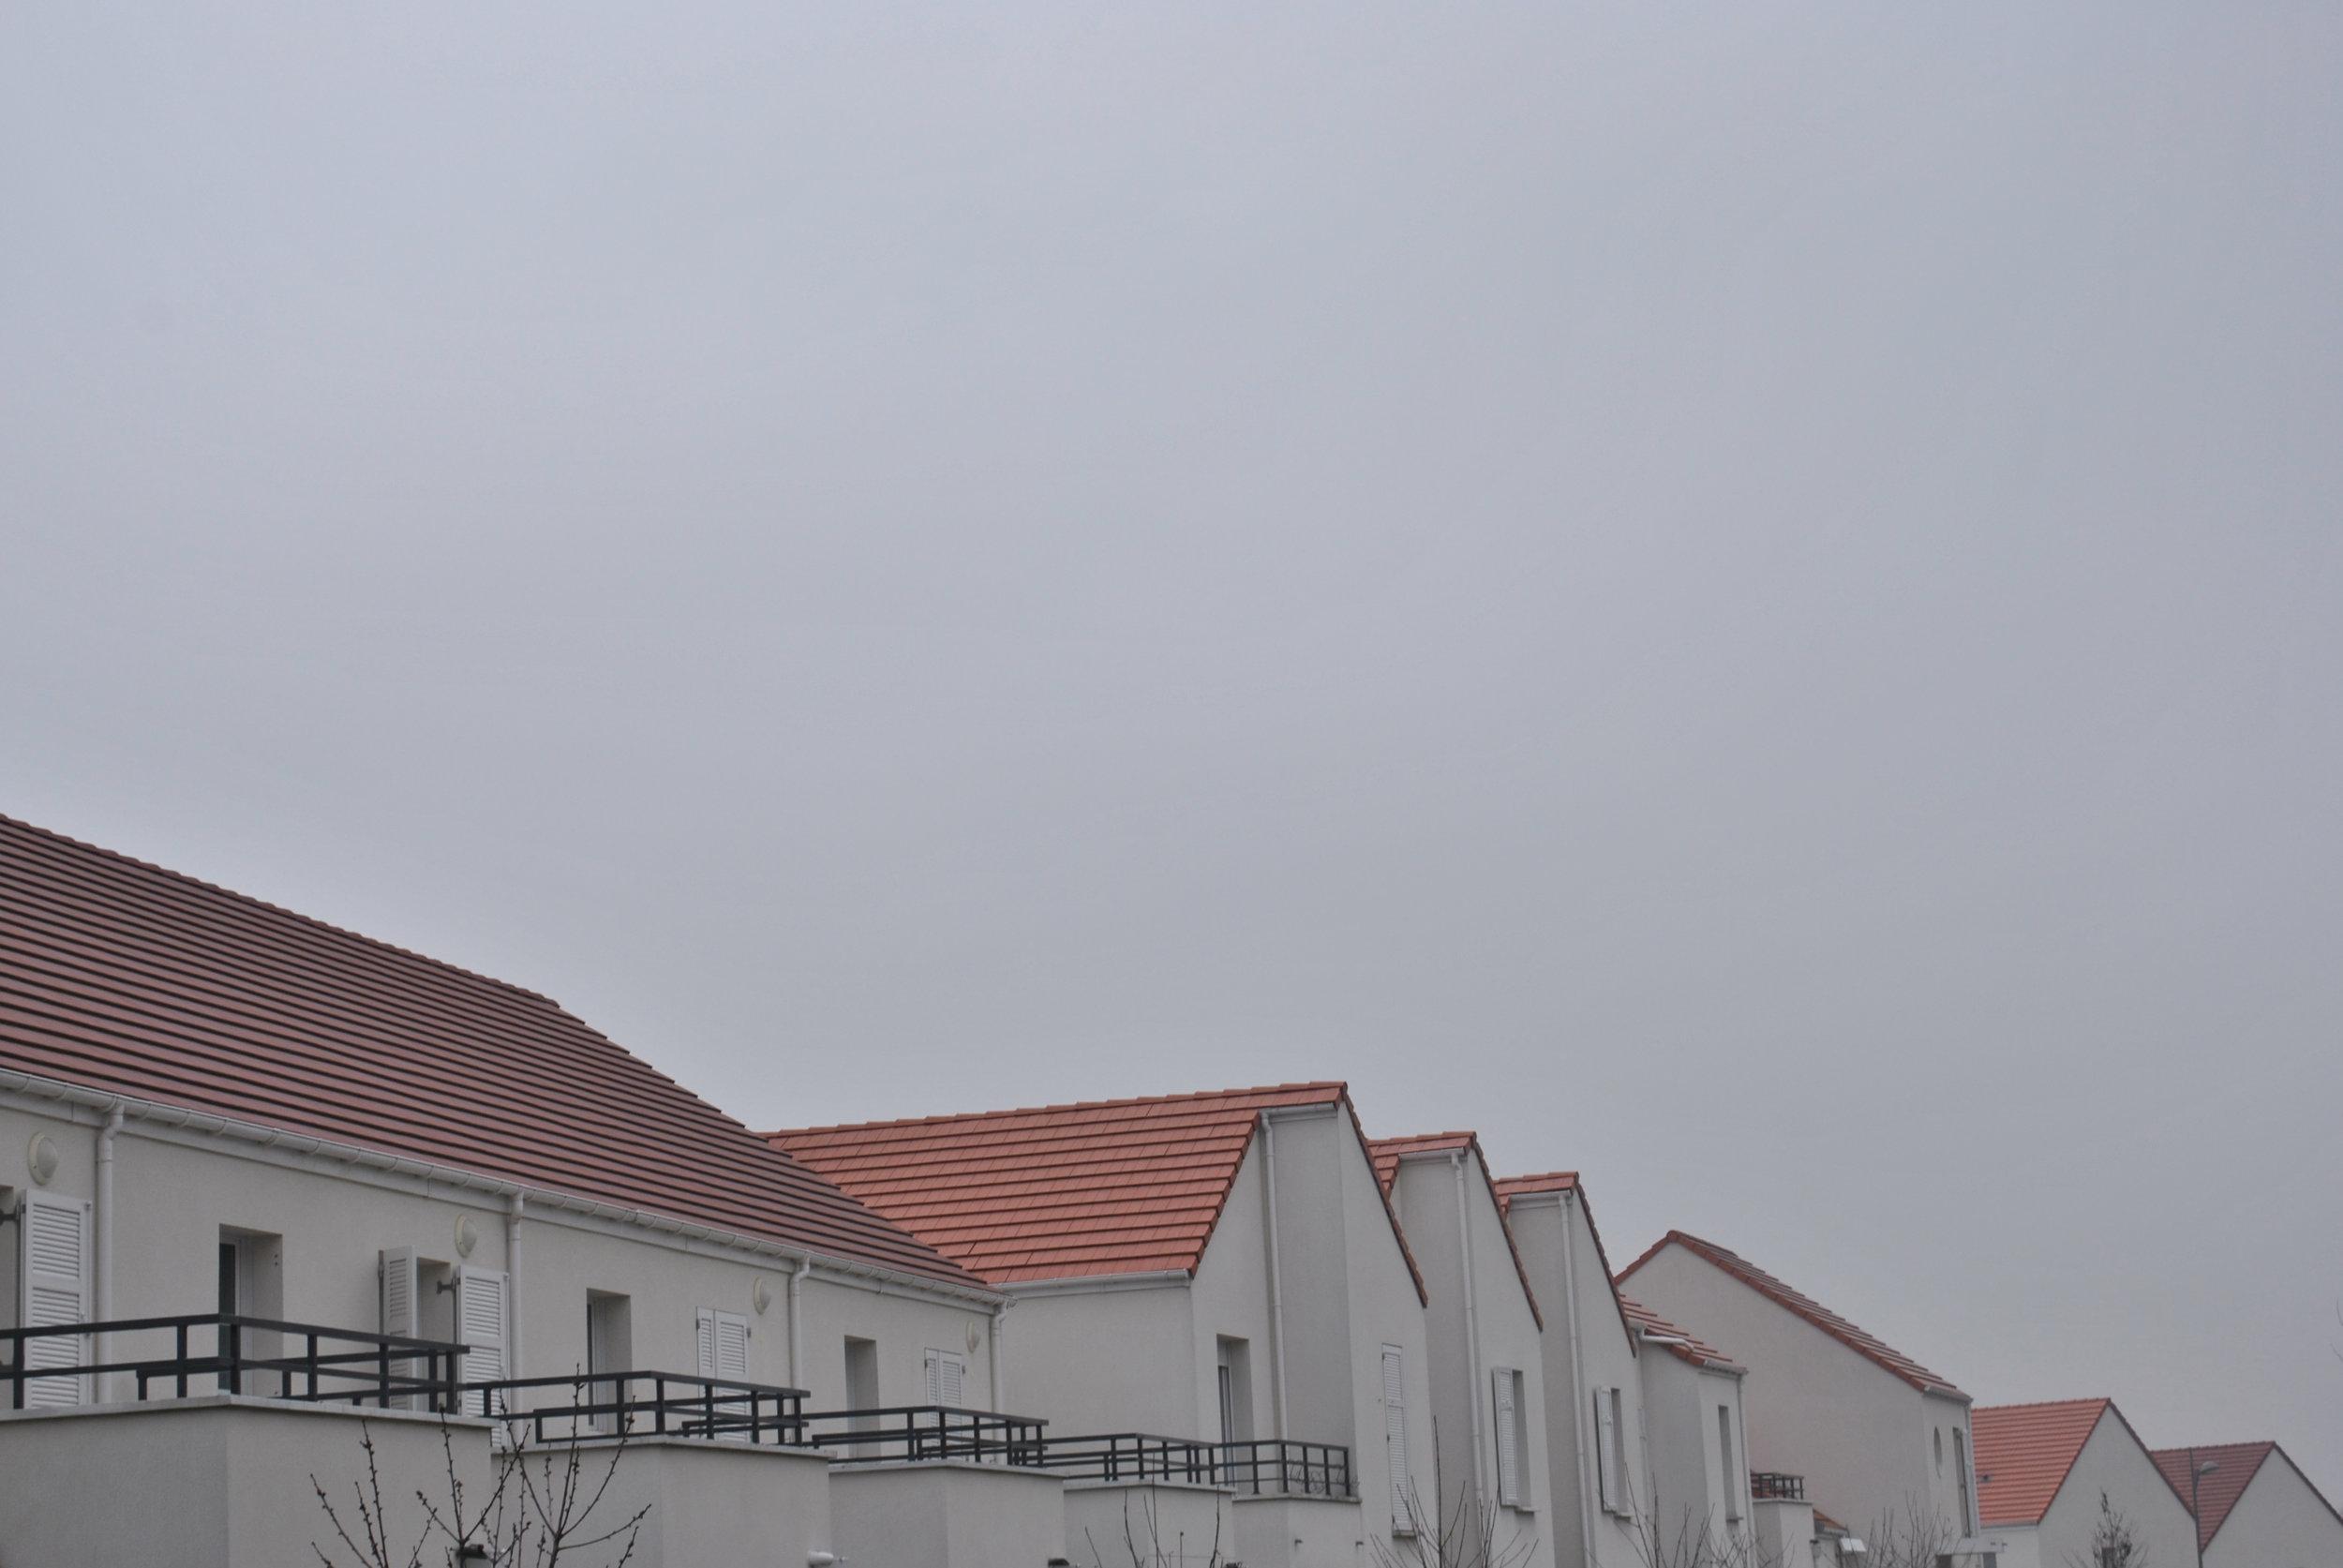 casas brancas.jpg